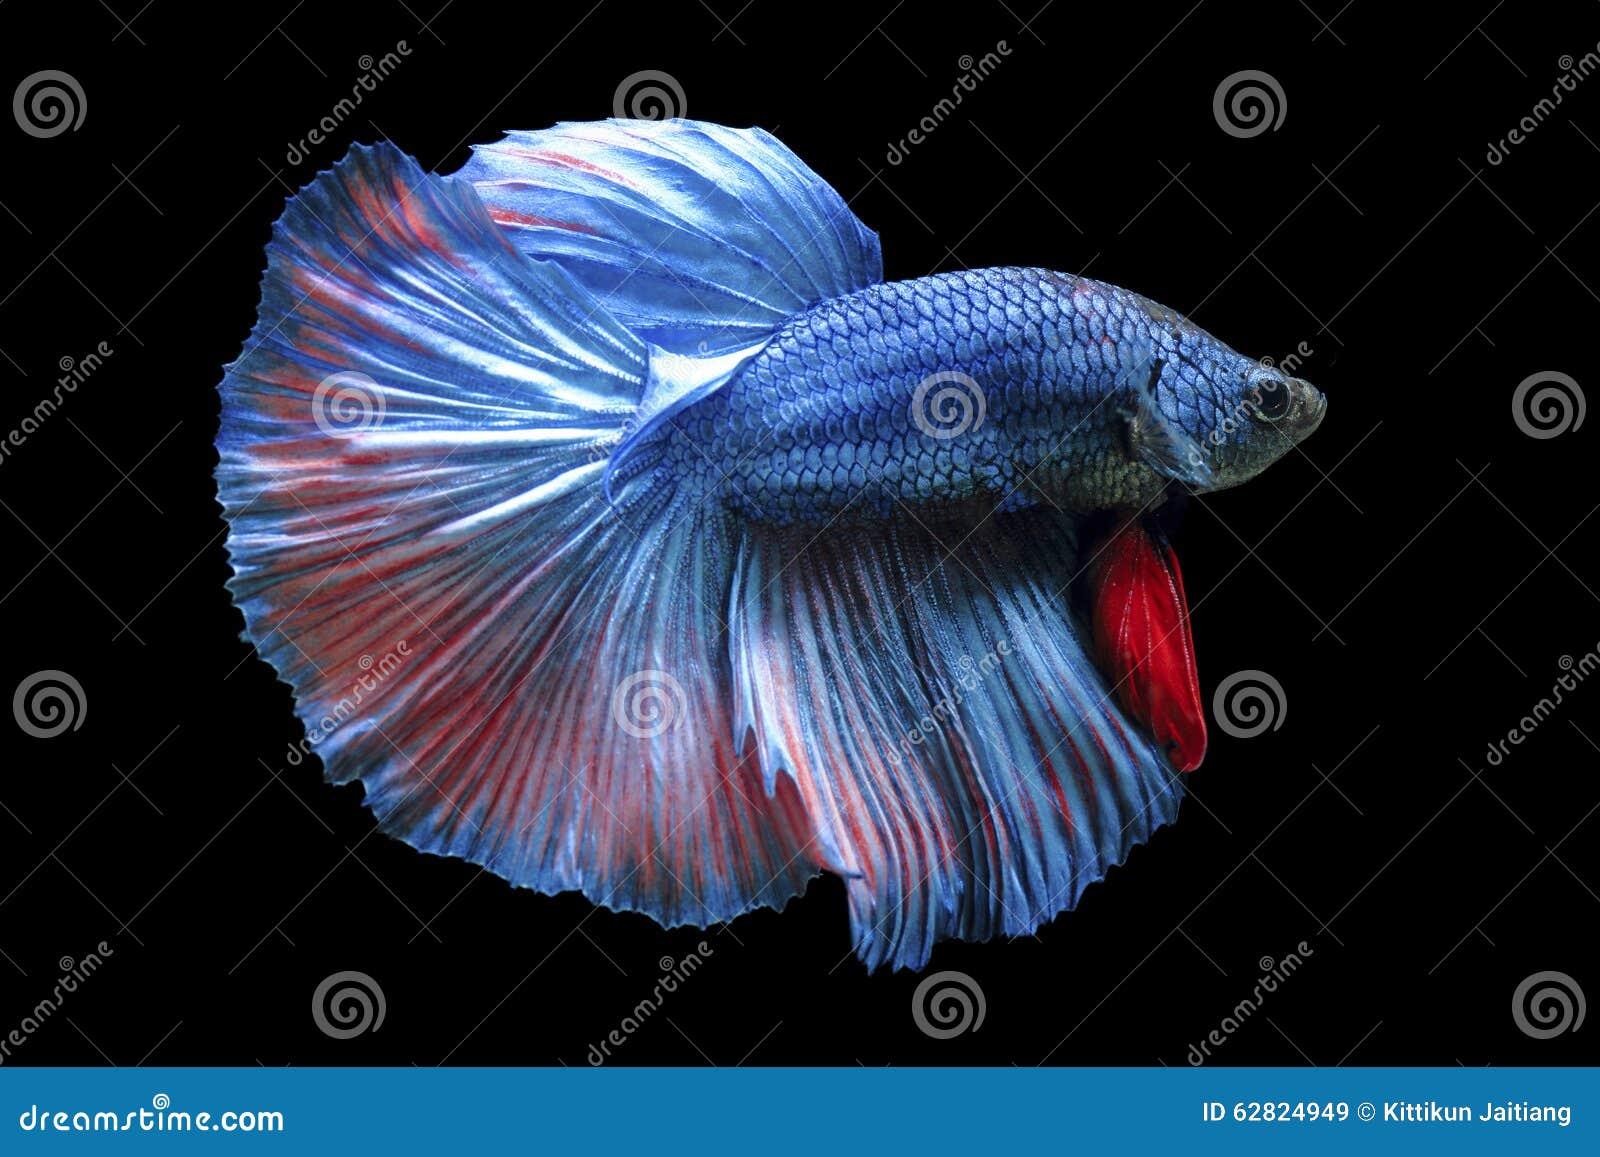 Kämpfende Fische